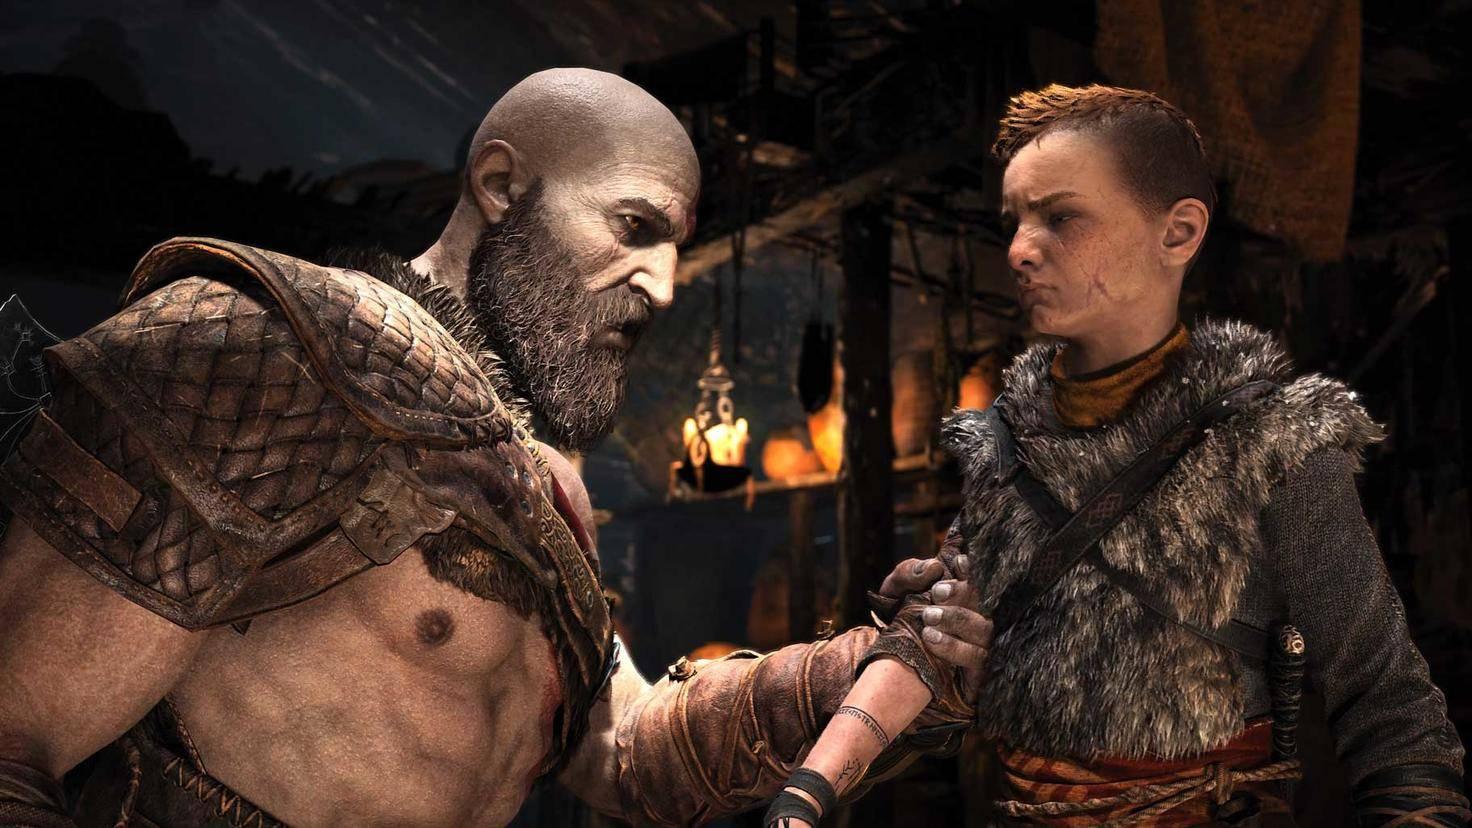 Kratos und Atreus pflegen eine etwas komplizierte Vater-Sohn-Beziehung. Kommt es im Nachfolger möglicherweise zum Eklat zwischen den beiden?